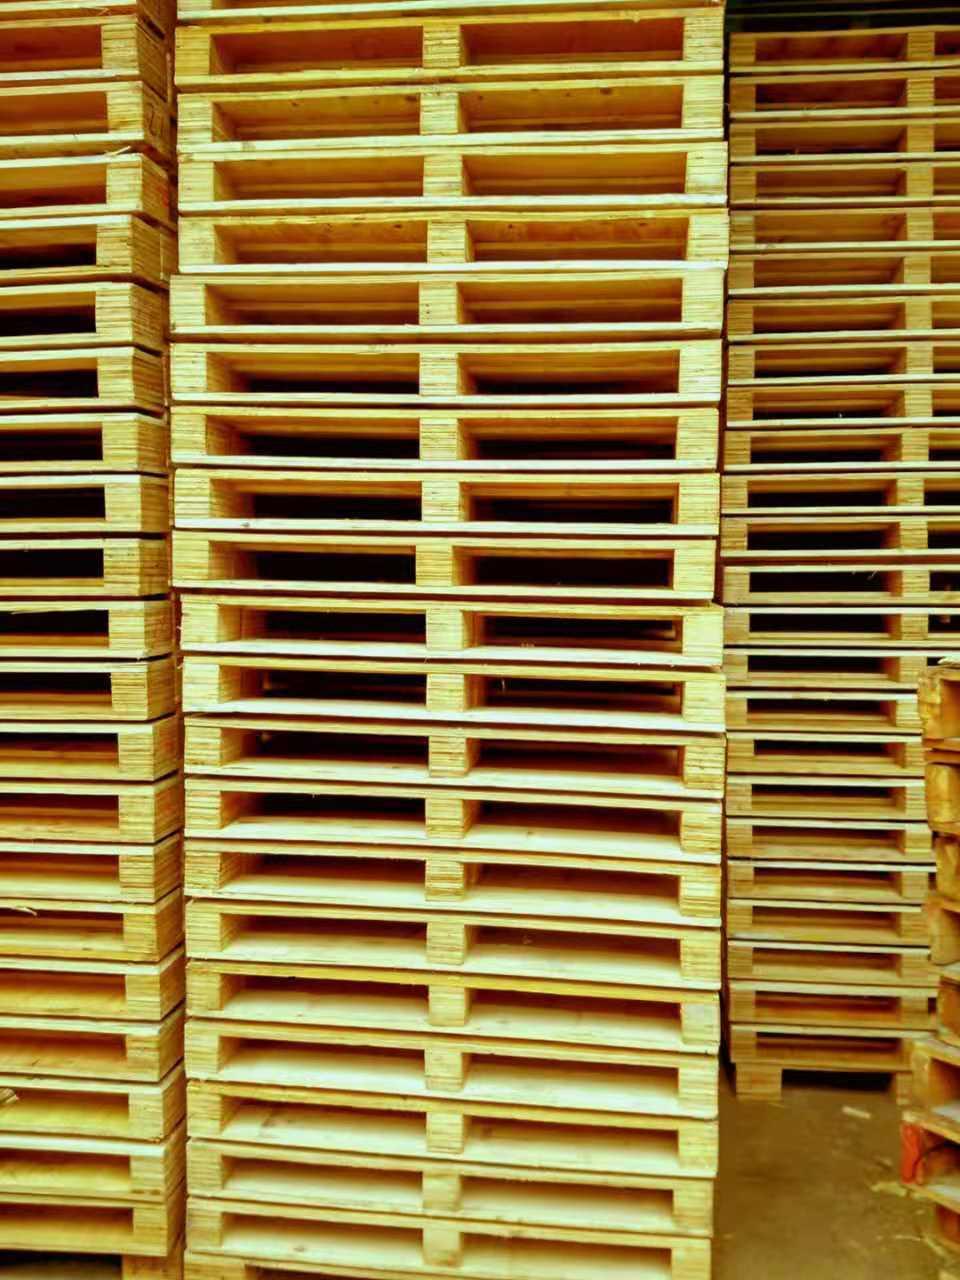 专业木箱厂家直供,木箱